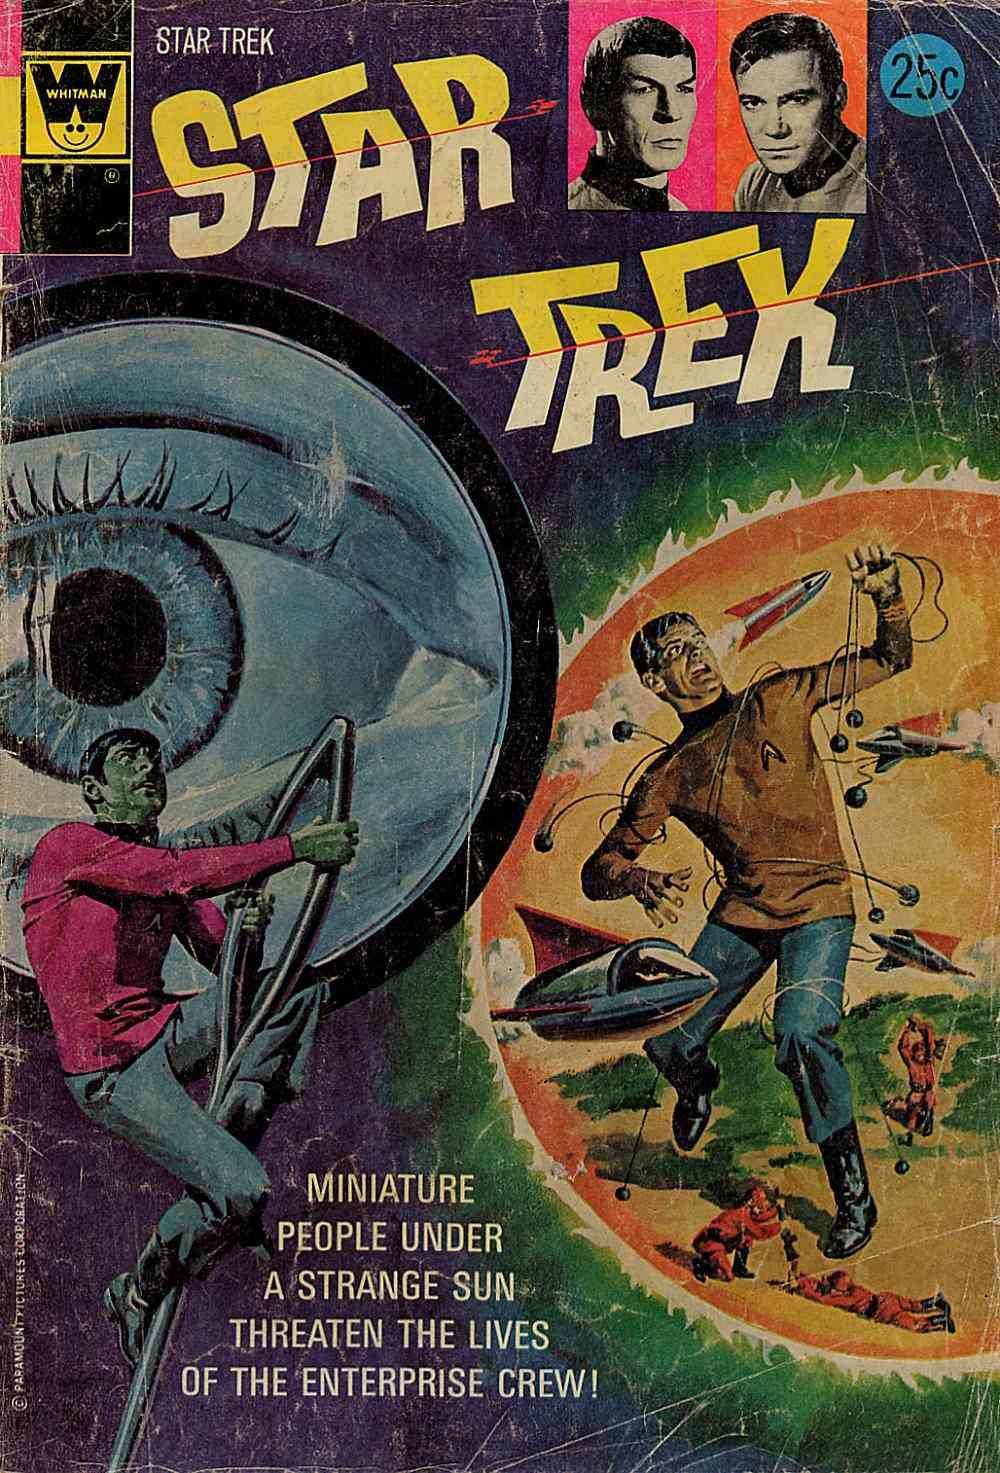 Star Trek (1967) issue 25 - Page 1